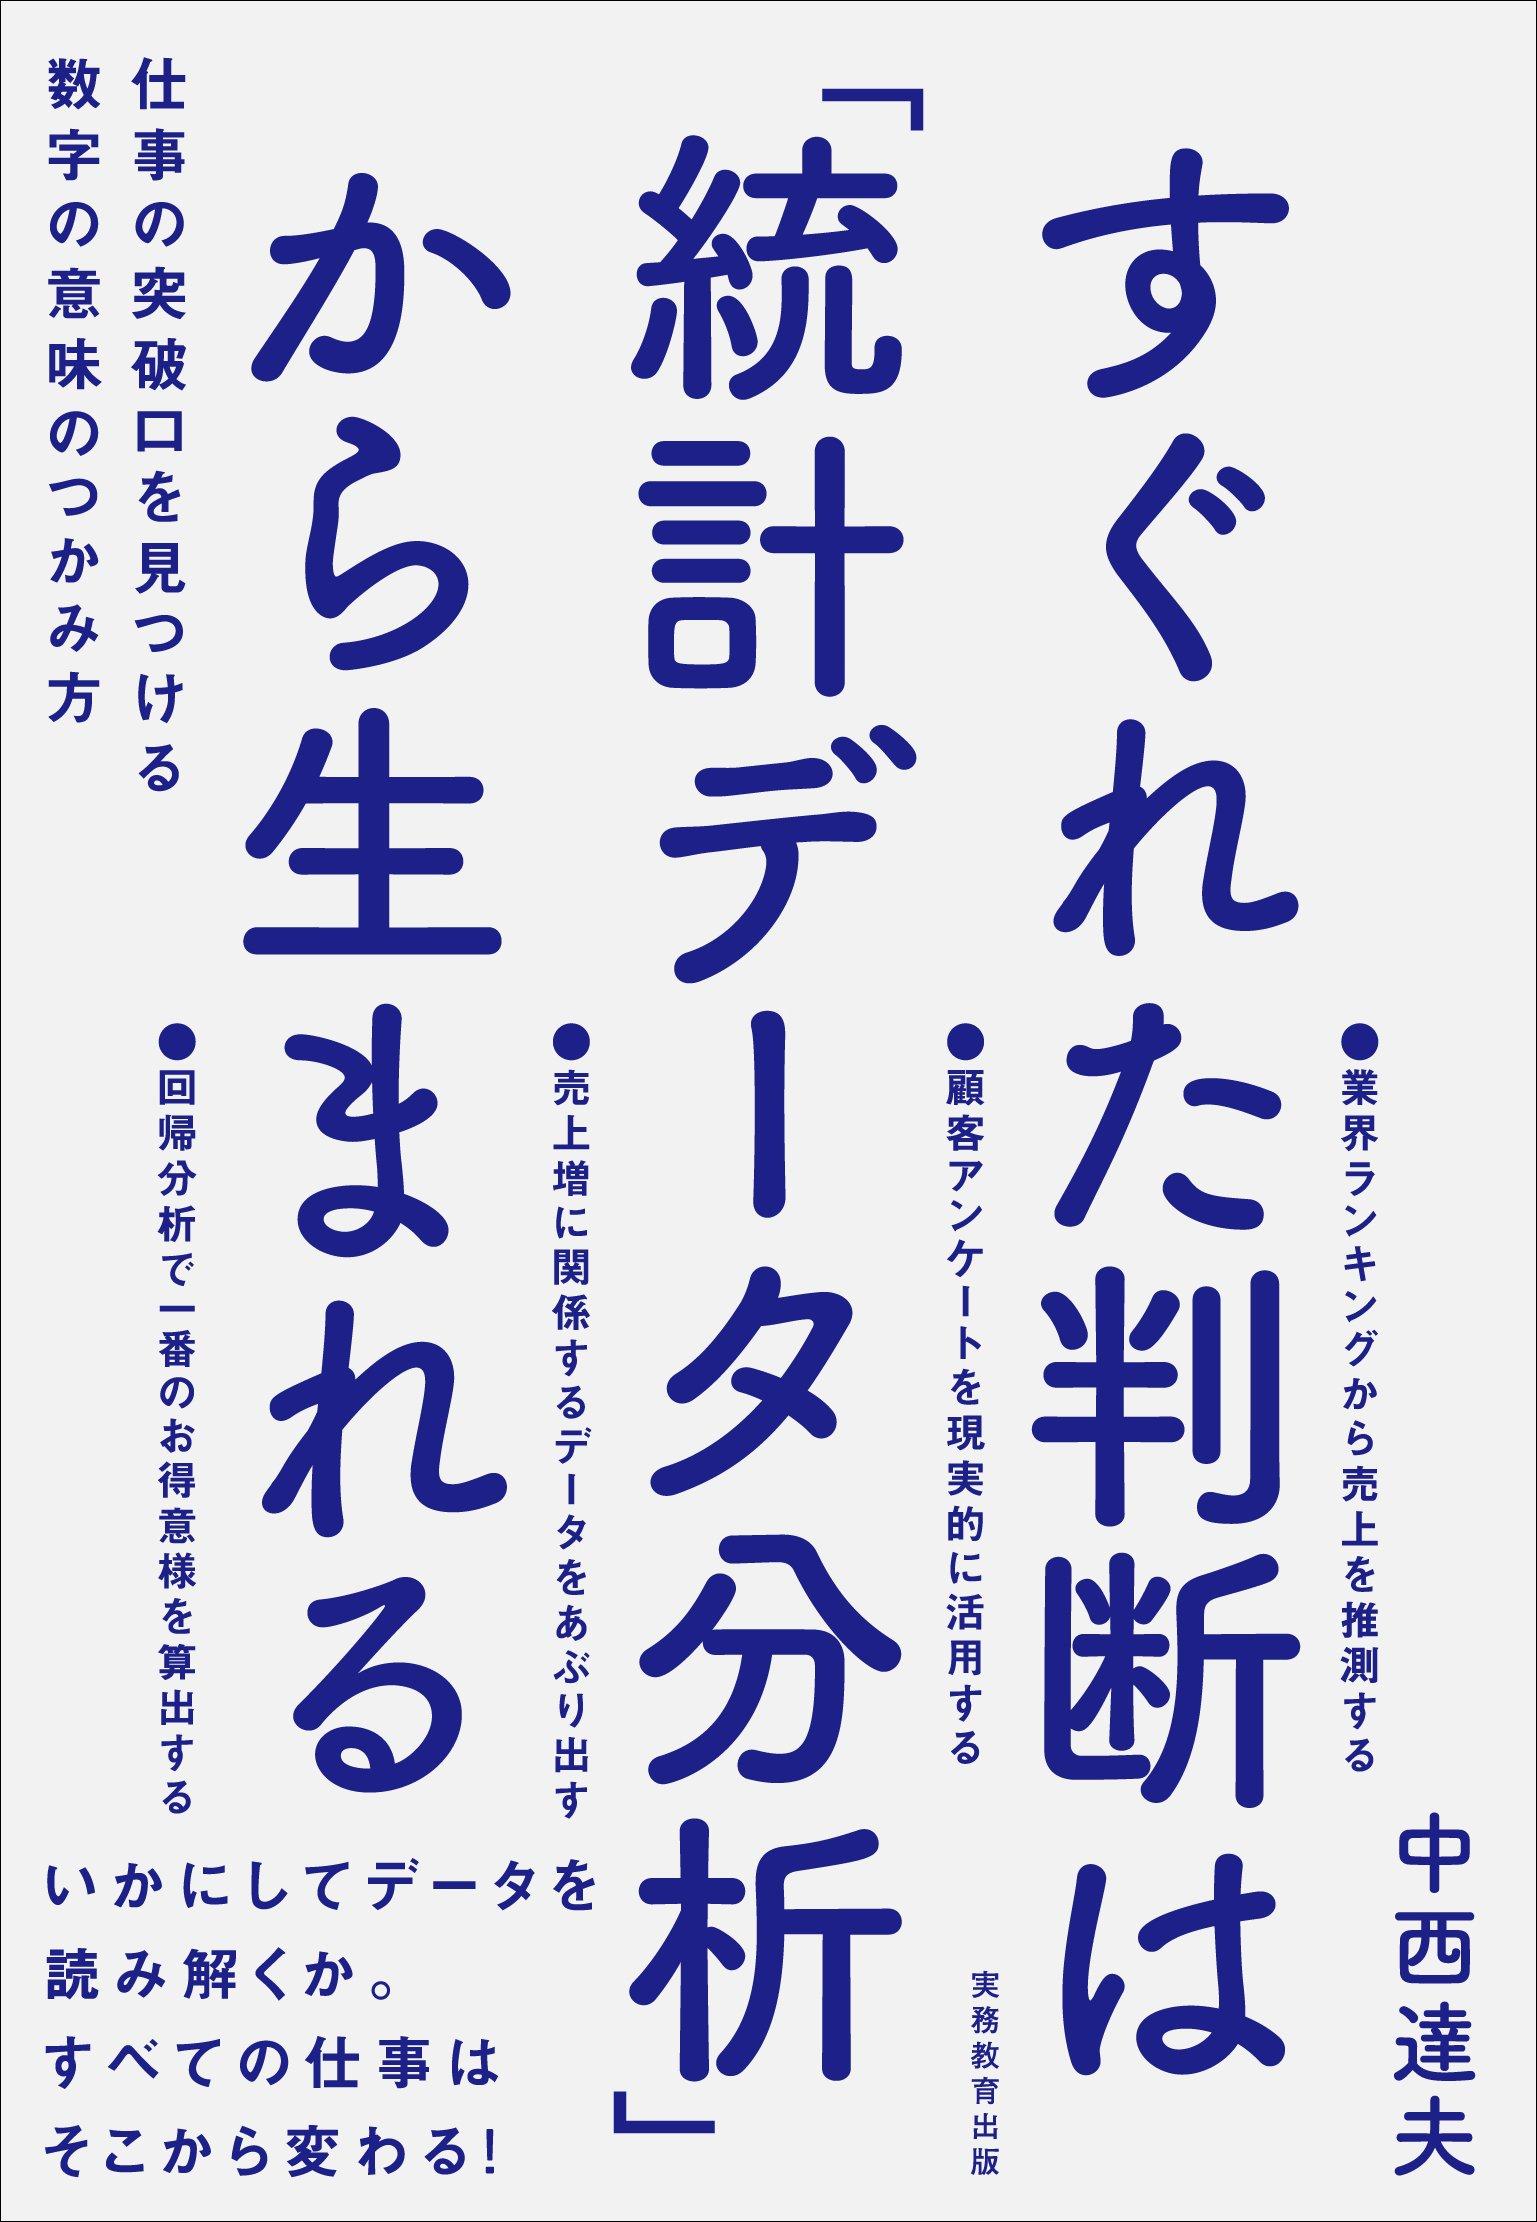 Sugureta handan wa tokei deta bunseki kara umareru : Shigoto no toppako o mitsukeru suji no imi no tsukamikata. ebook